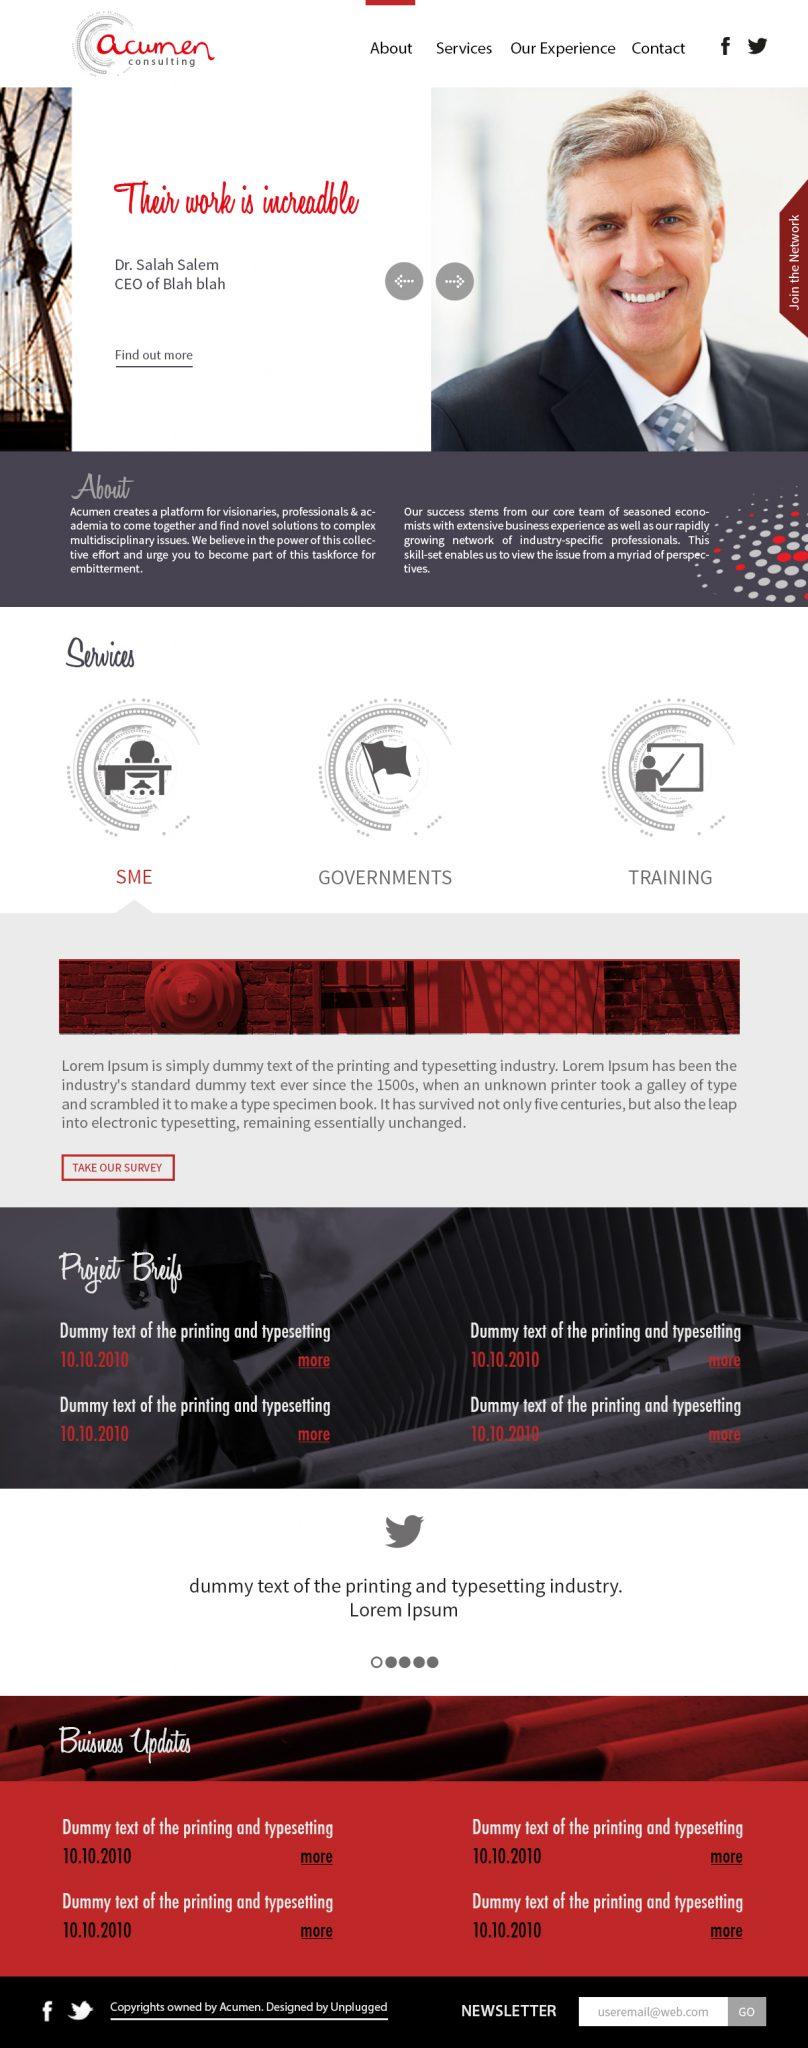 Acumen homepage02